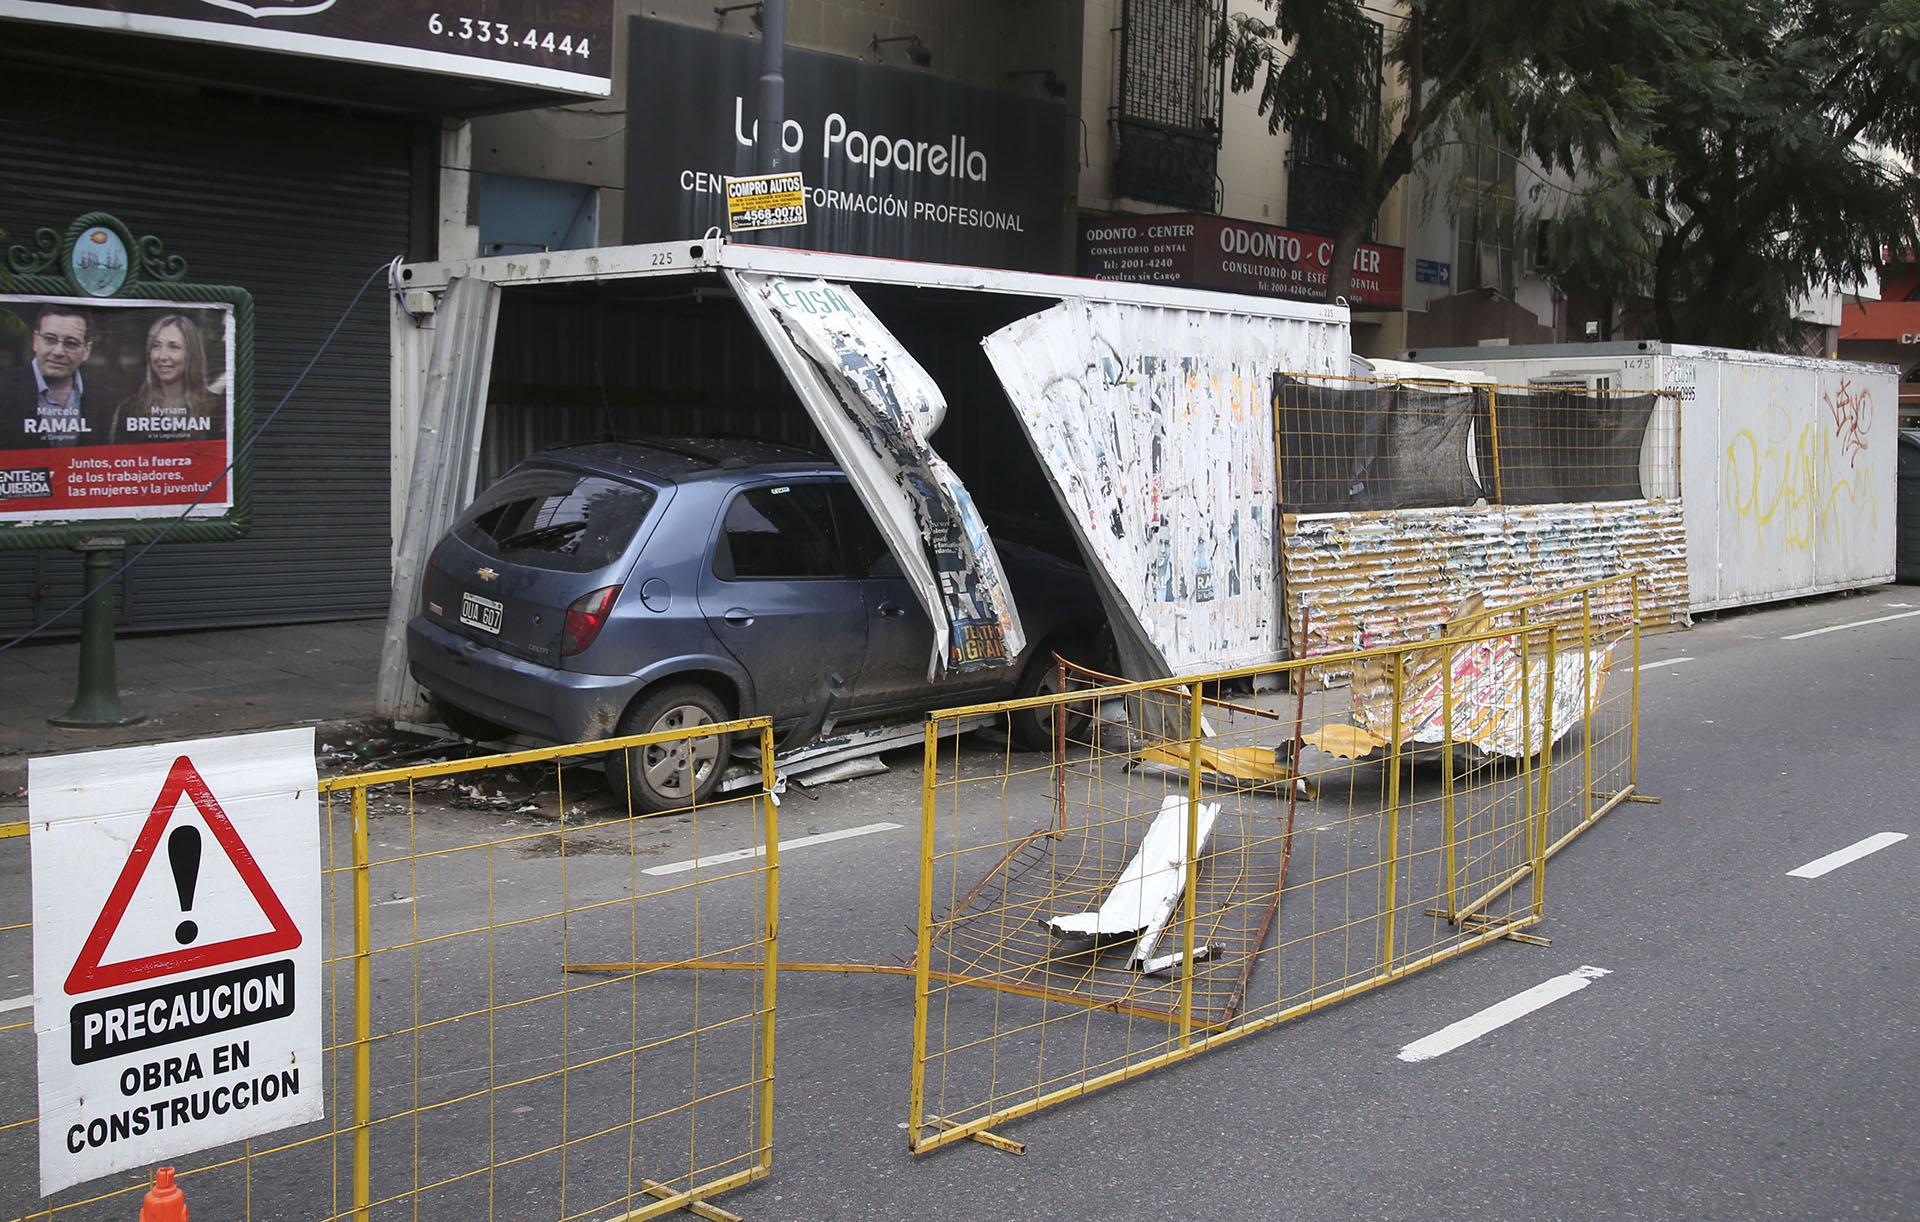 Vista del auto accidentado esta madrugada, en donde se metió dentro de un conteiner perteneciente a una obra en construcción en la Av. Independencia entre las calles Entre Rios y Solis de esta capital